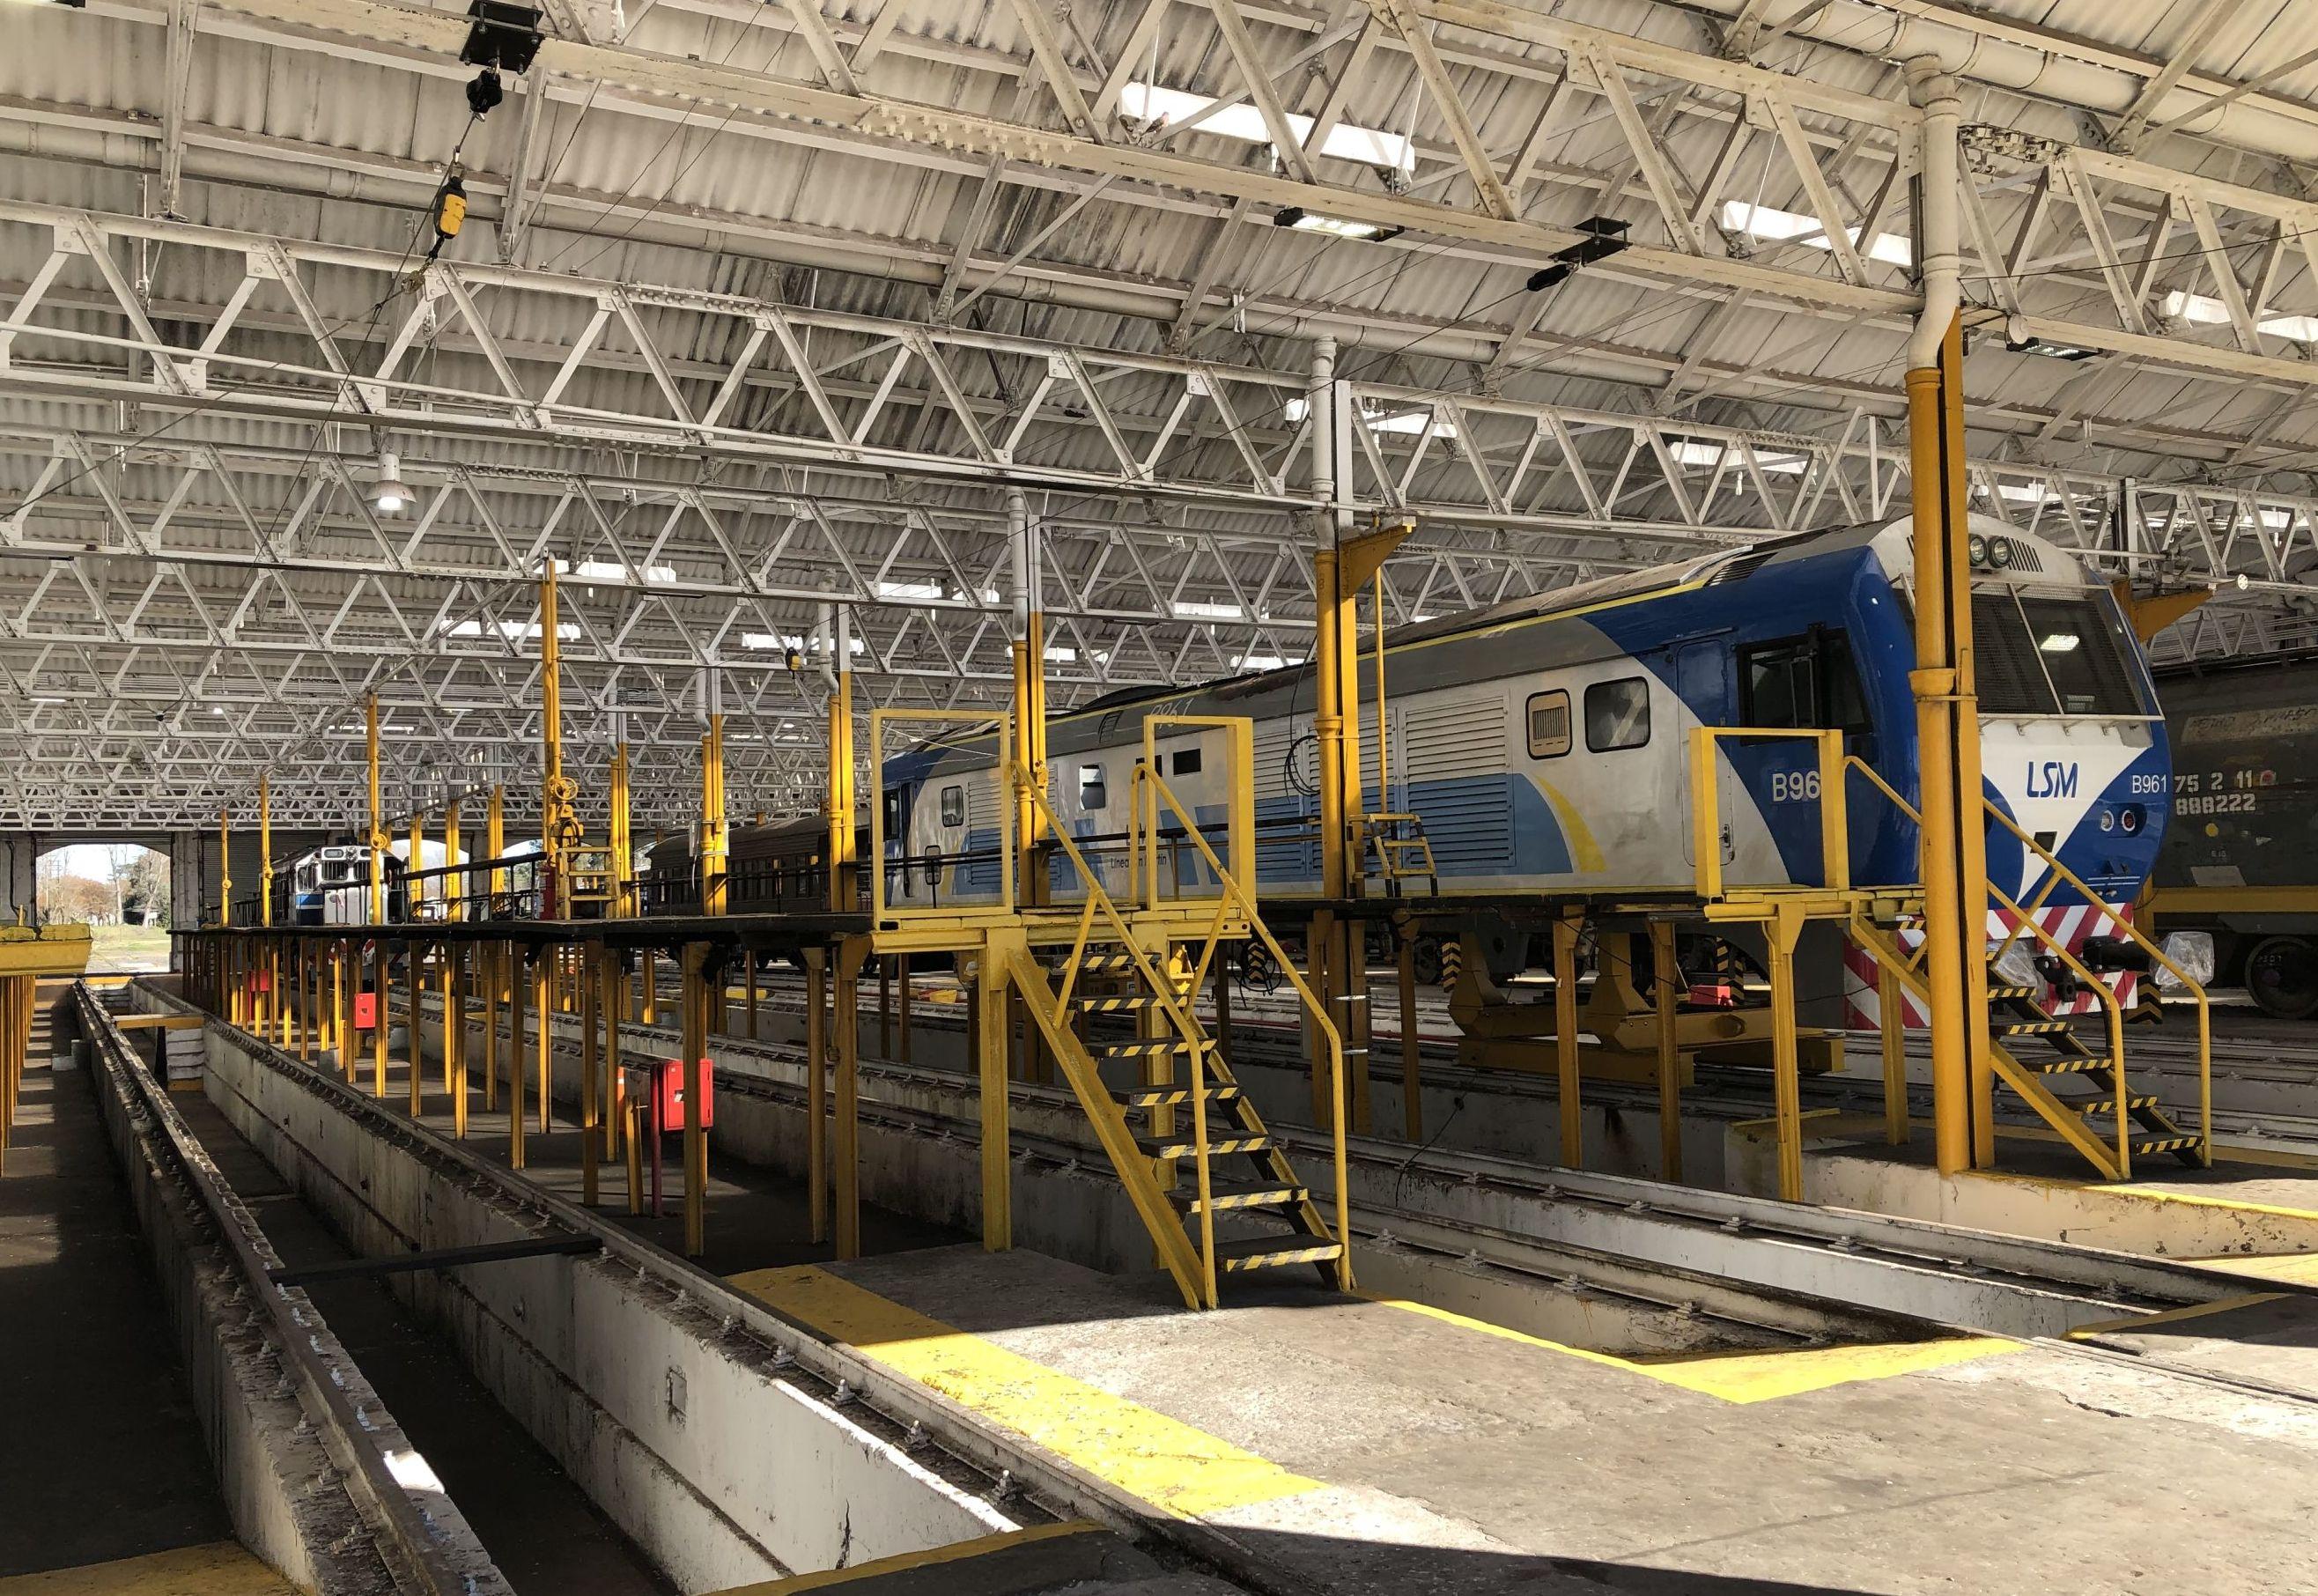 Resultado de imagen para Mechita, el pueblo ferroviario argentino que volvió a latir gracias a inversiones rusas